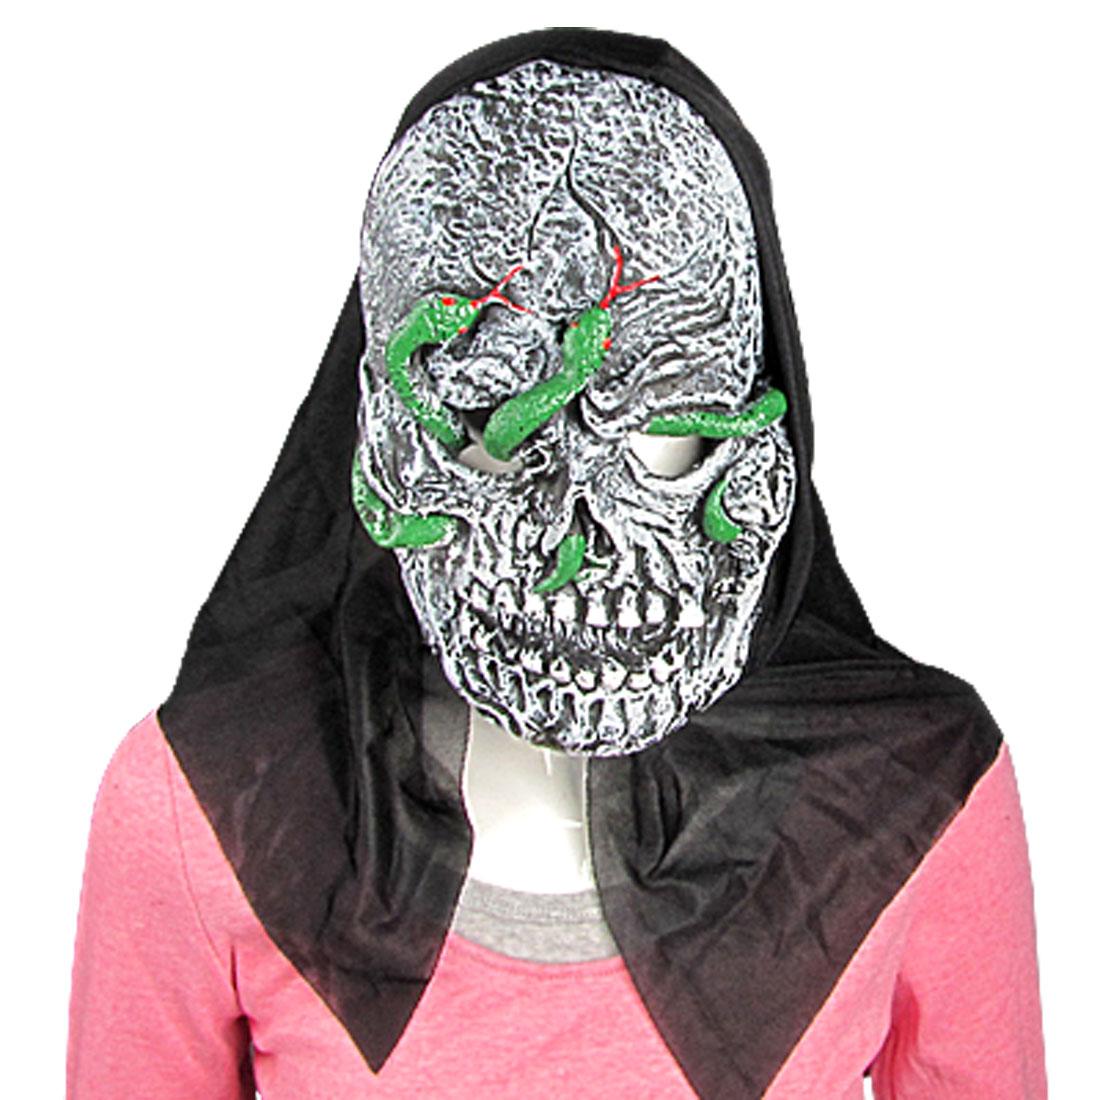 Green Snake on Face Rubber Horrible Halloween Mask